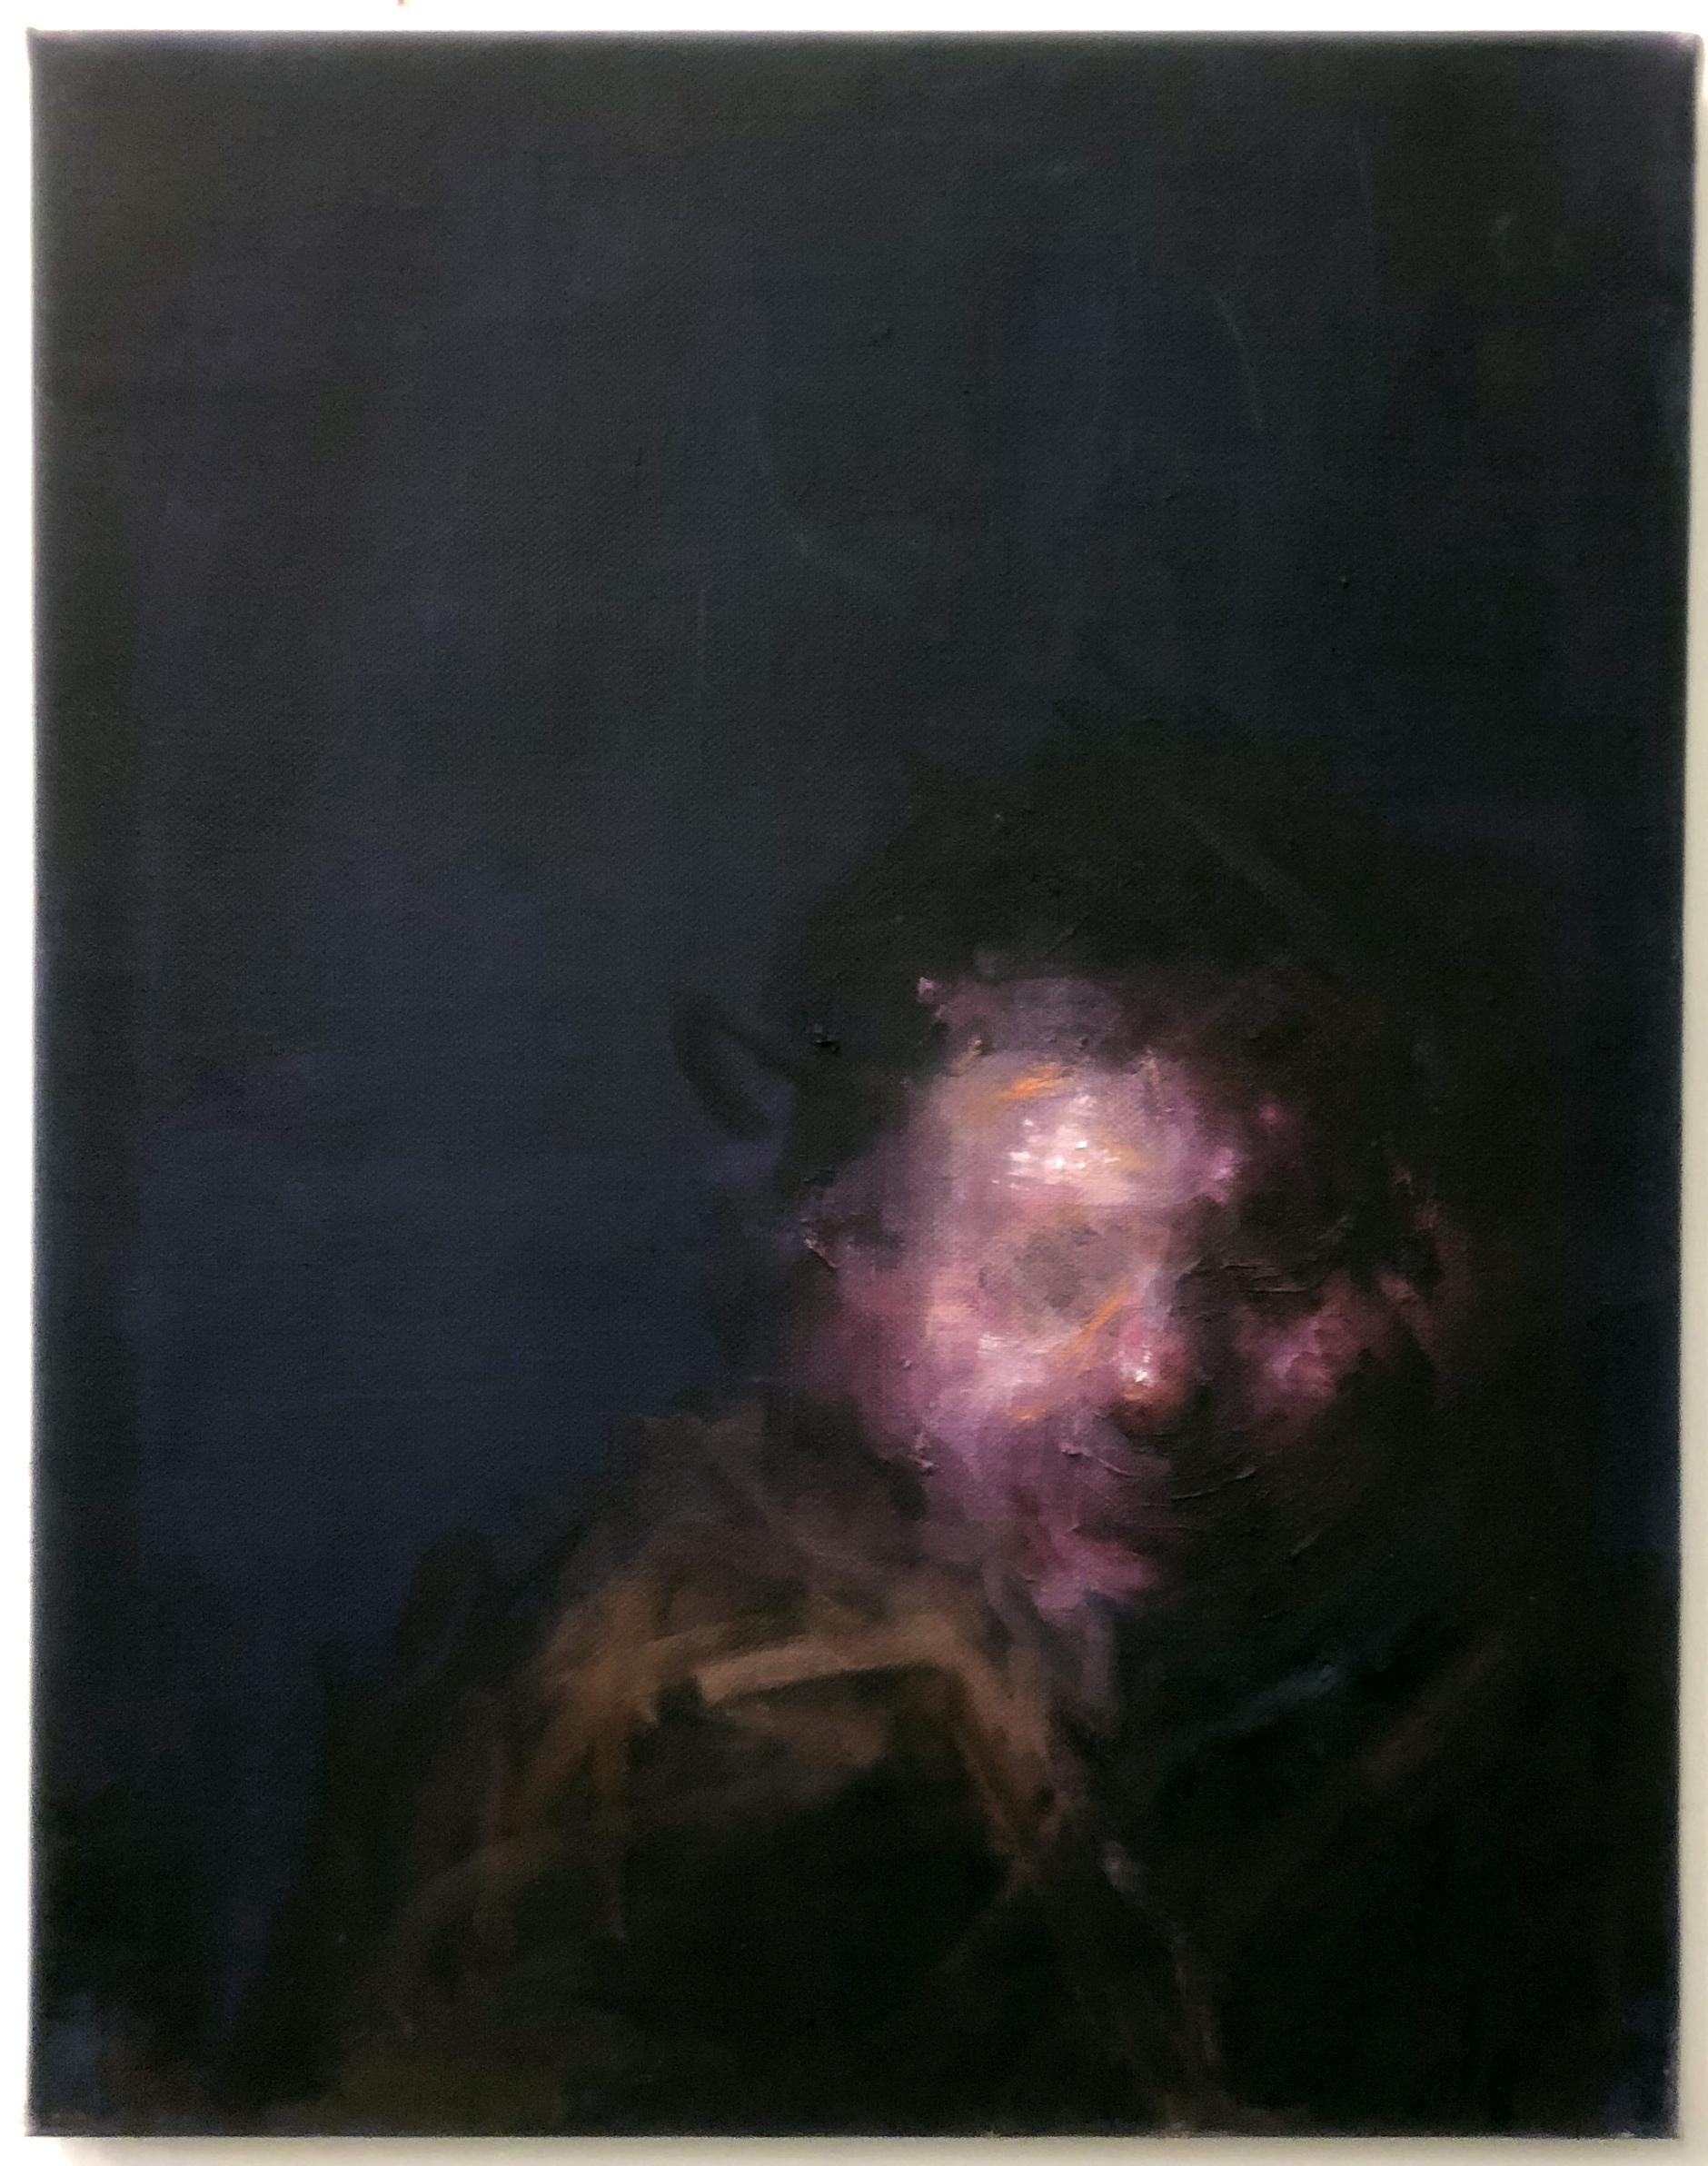 Alex Merritt - The Guest 28x22.jpg